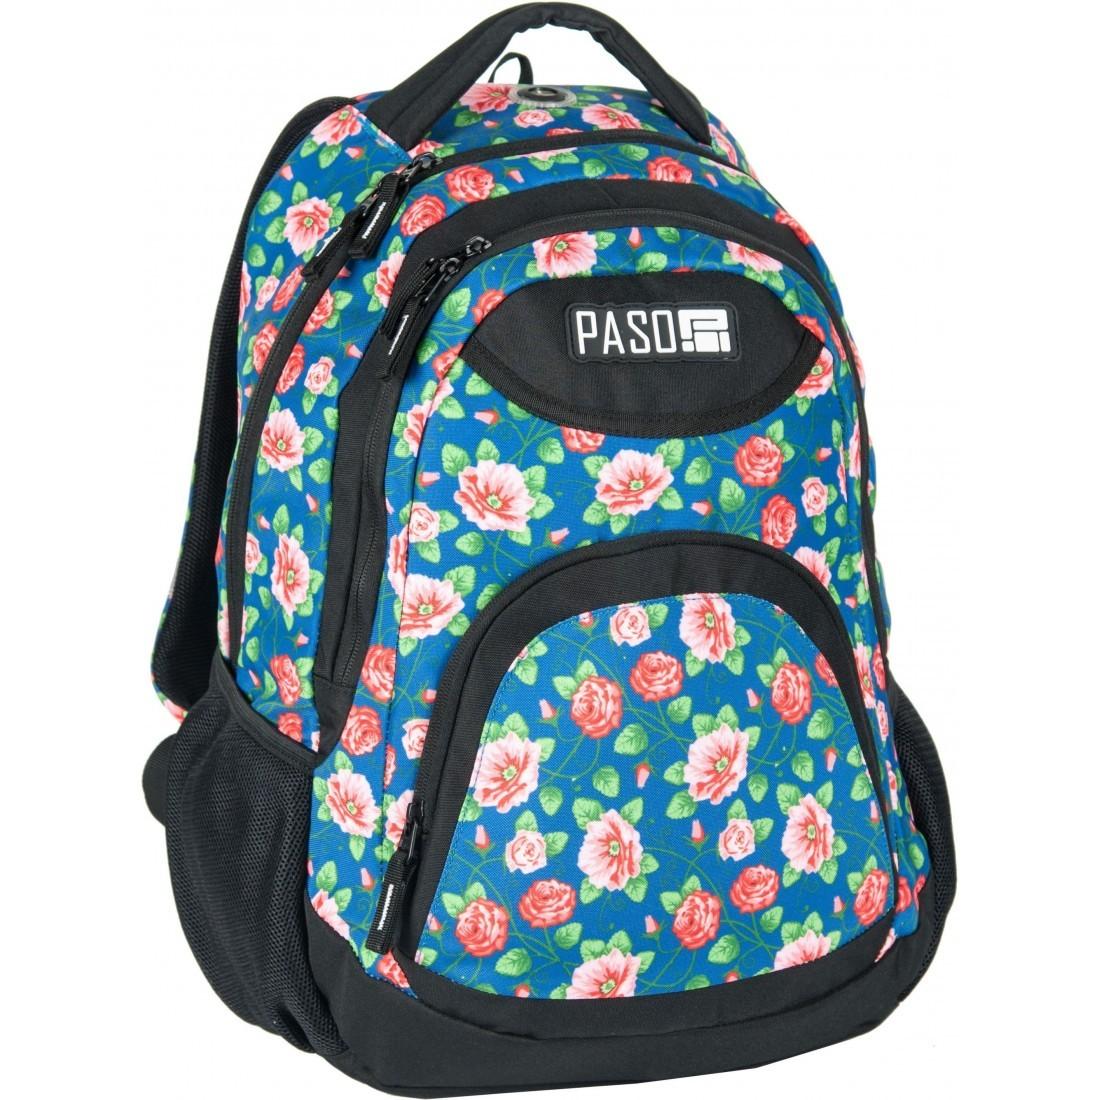 aa5a33e123484 Plecak młodzieżowy do szkoły Paso Unique City Flower dla dziewczyny ...